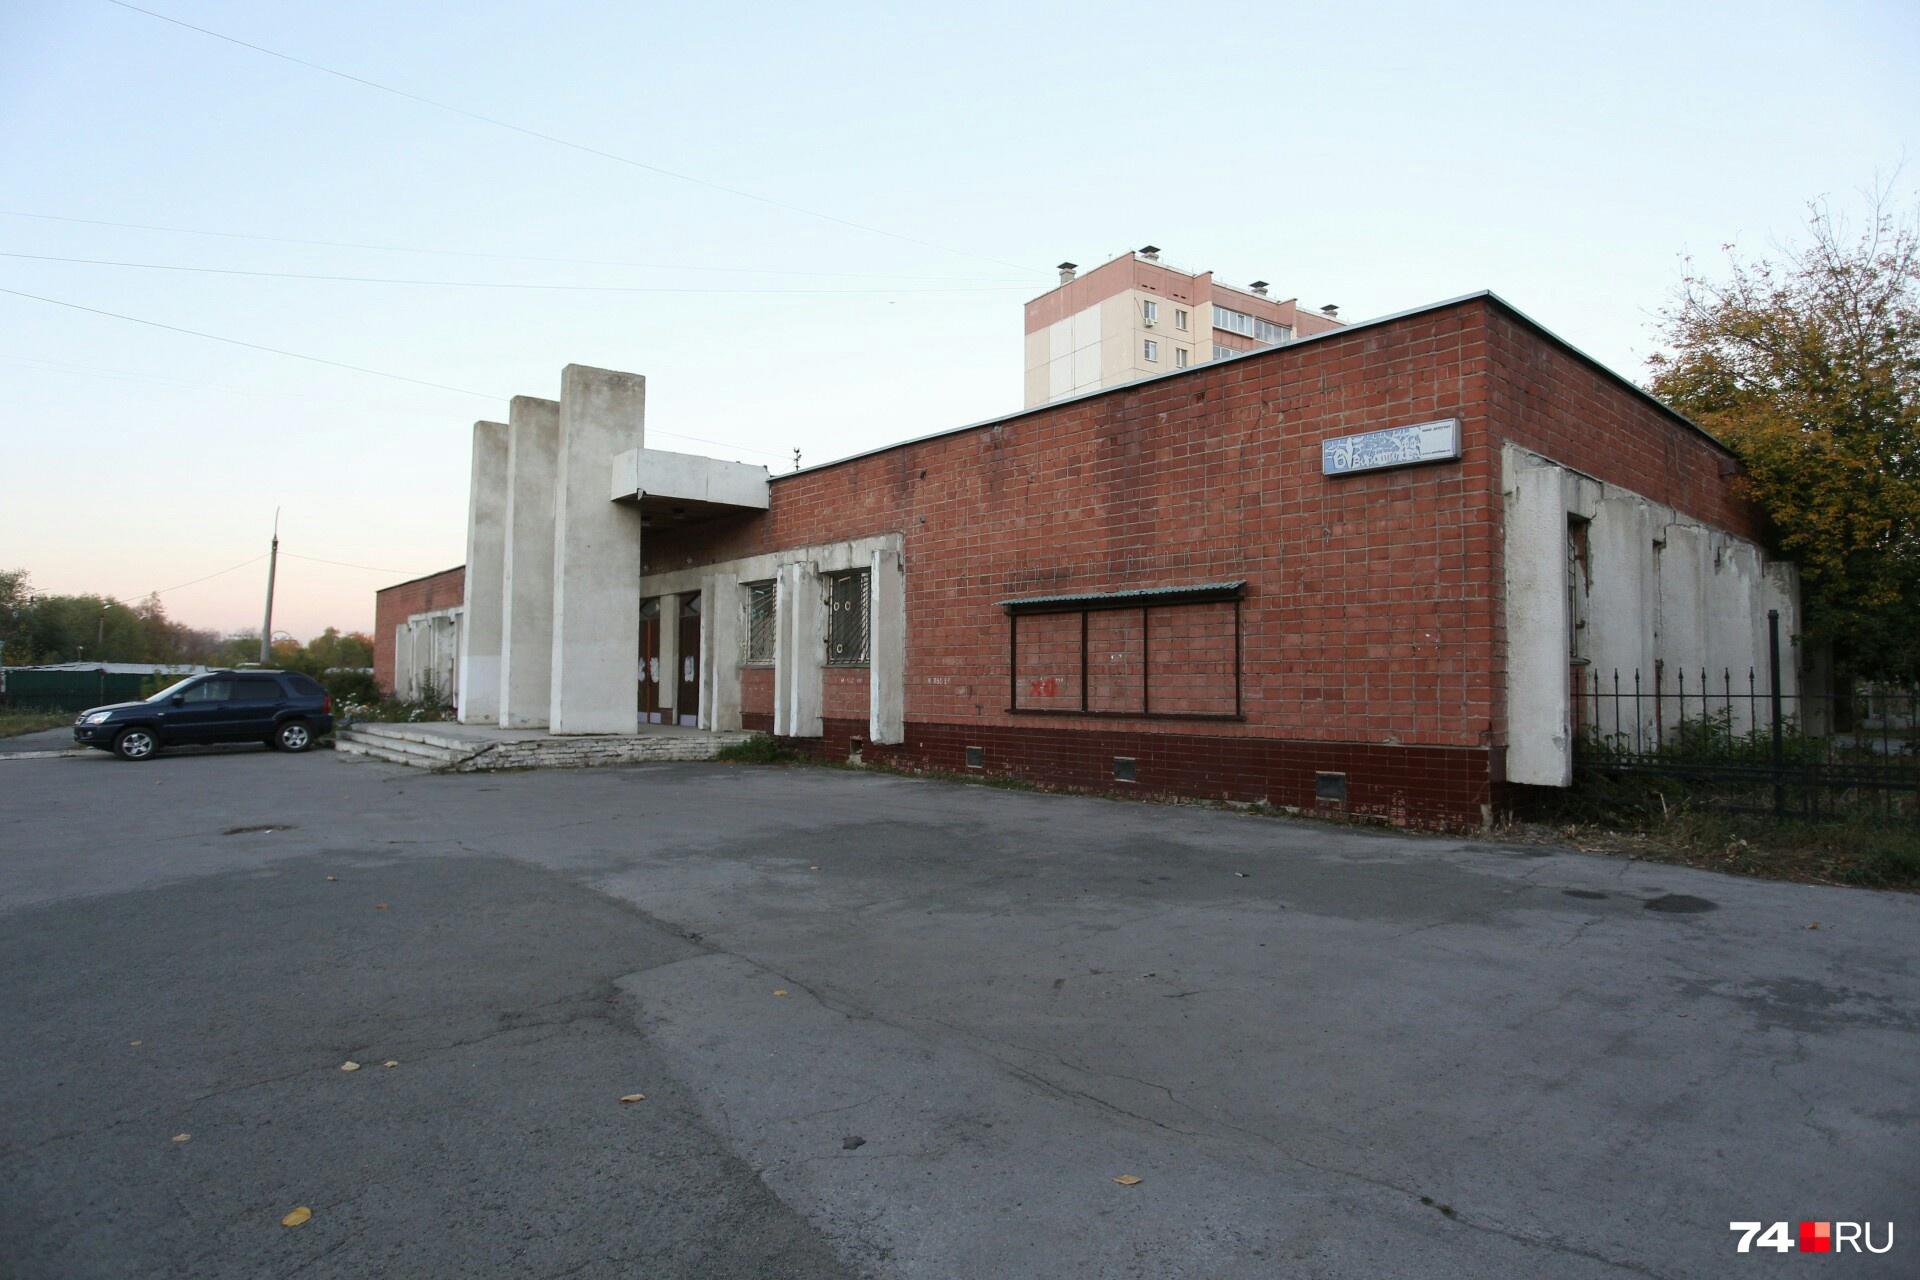 Здание построили в 70-х годах прошлого века, а детская филармония открылась в 1984-ом